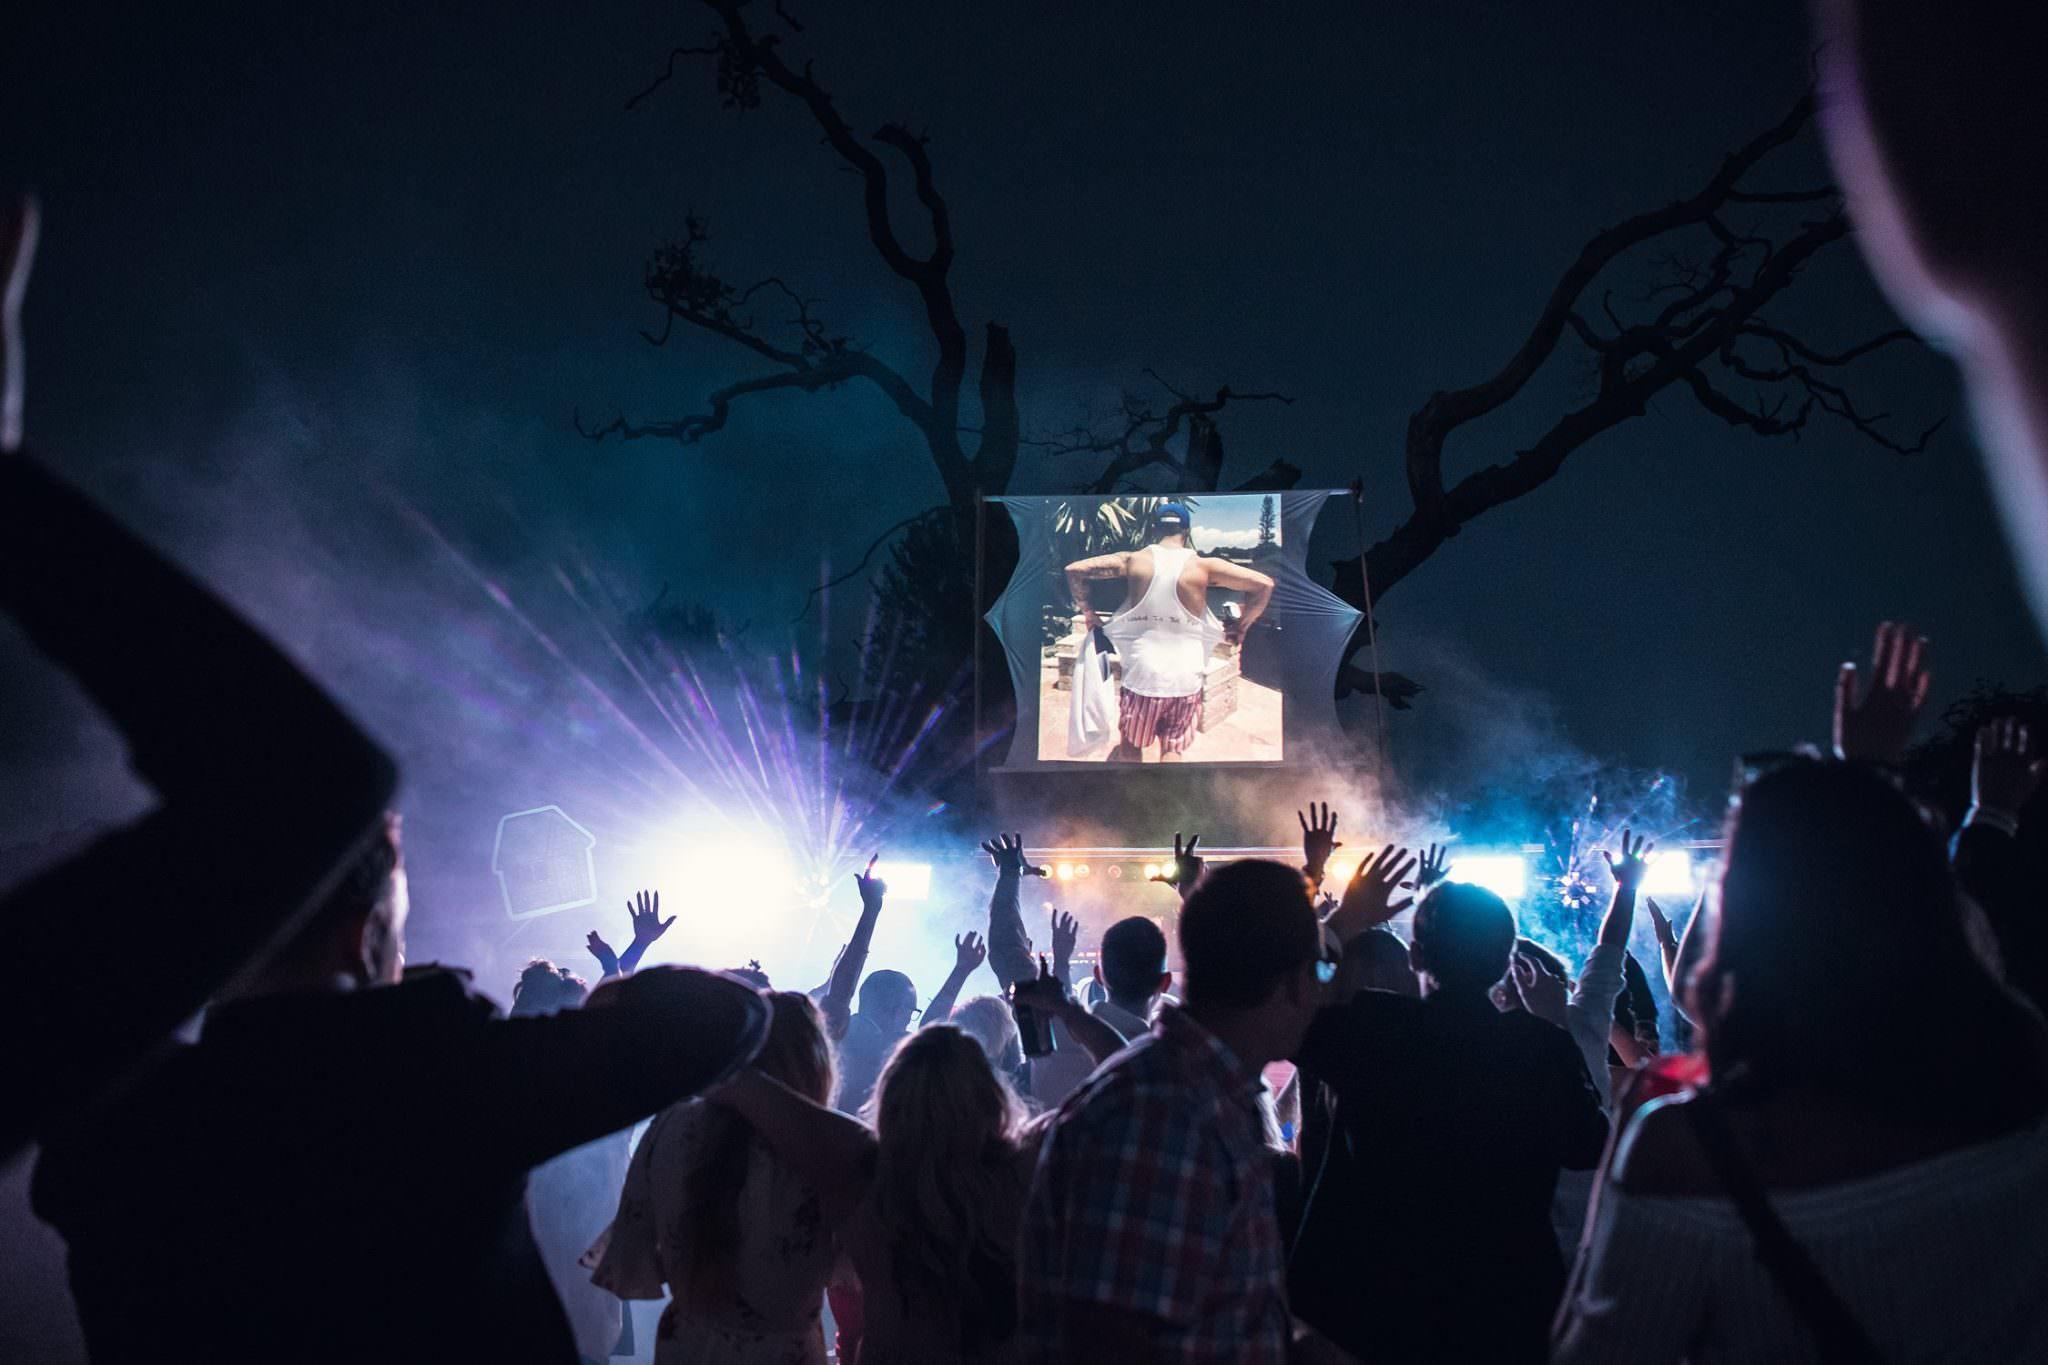 outdoor dance floor with outdoor film